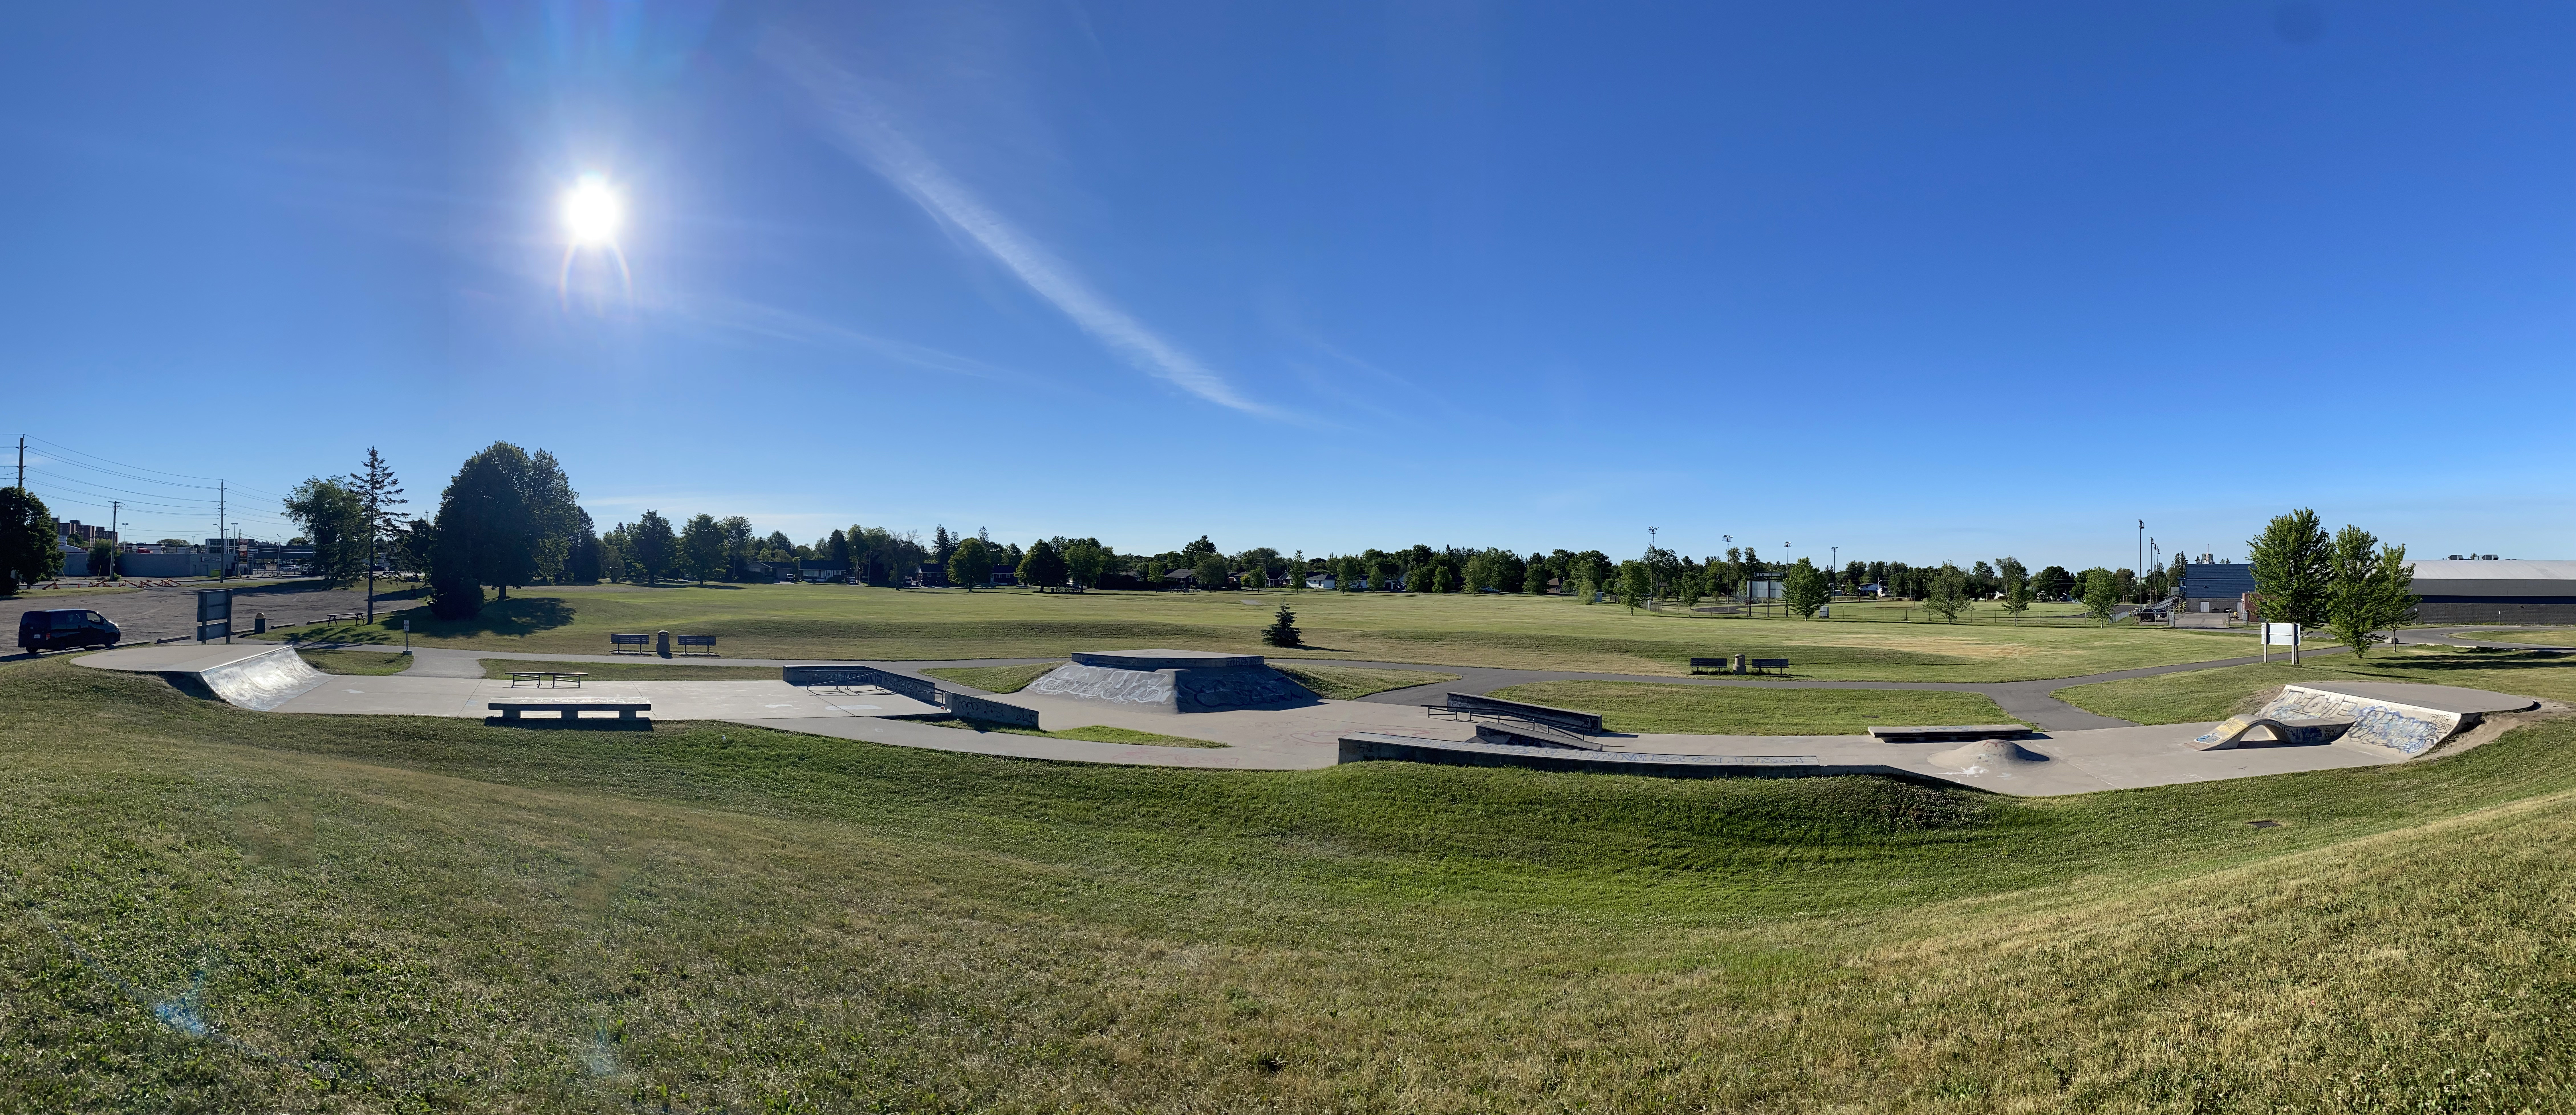 sault-ste marie skatepark full panoramic